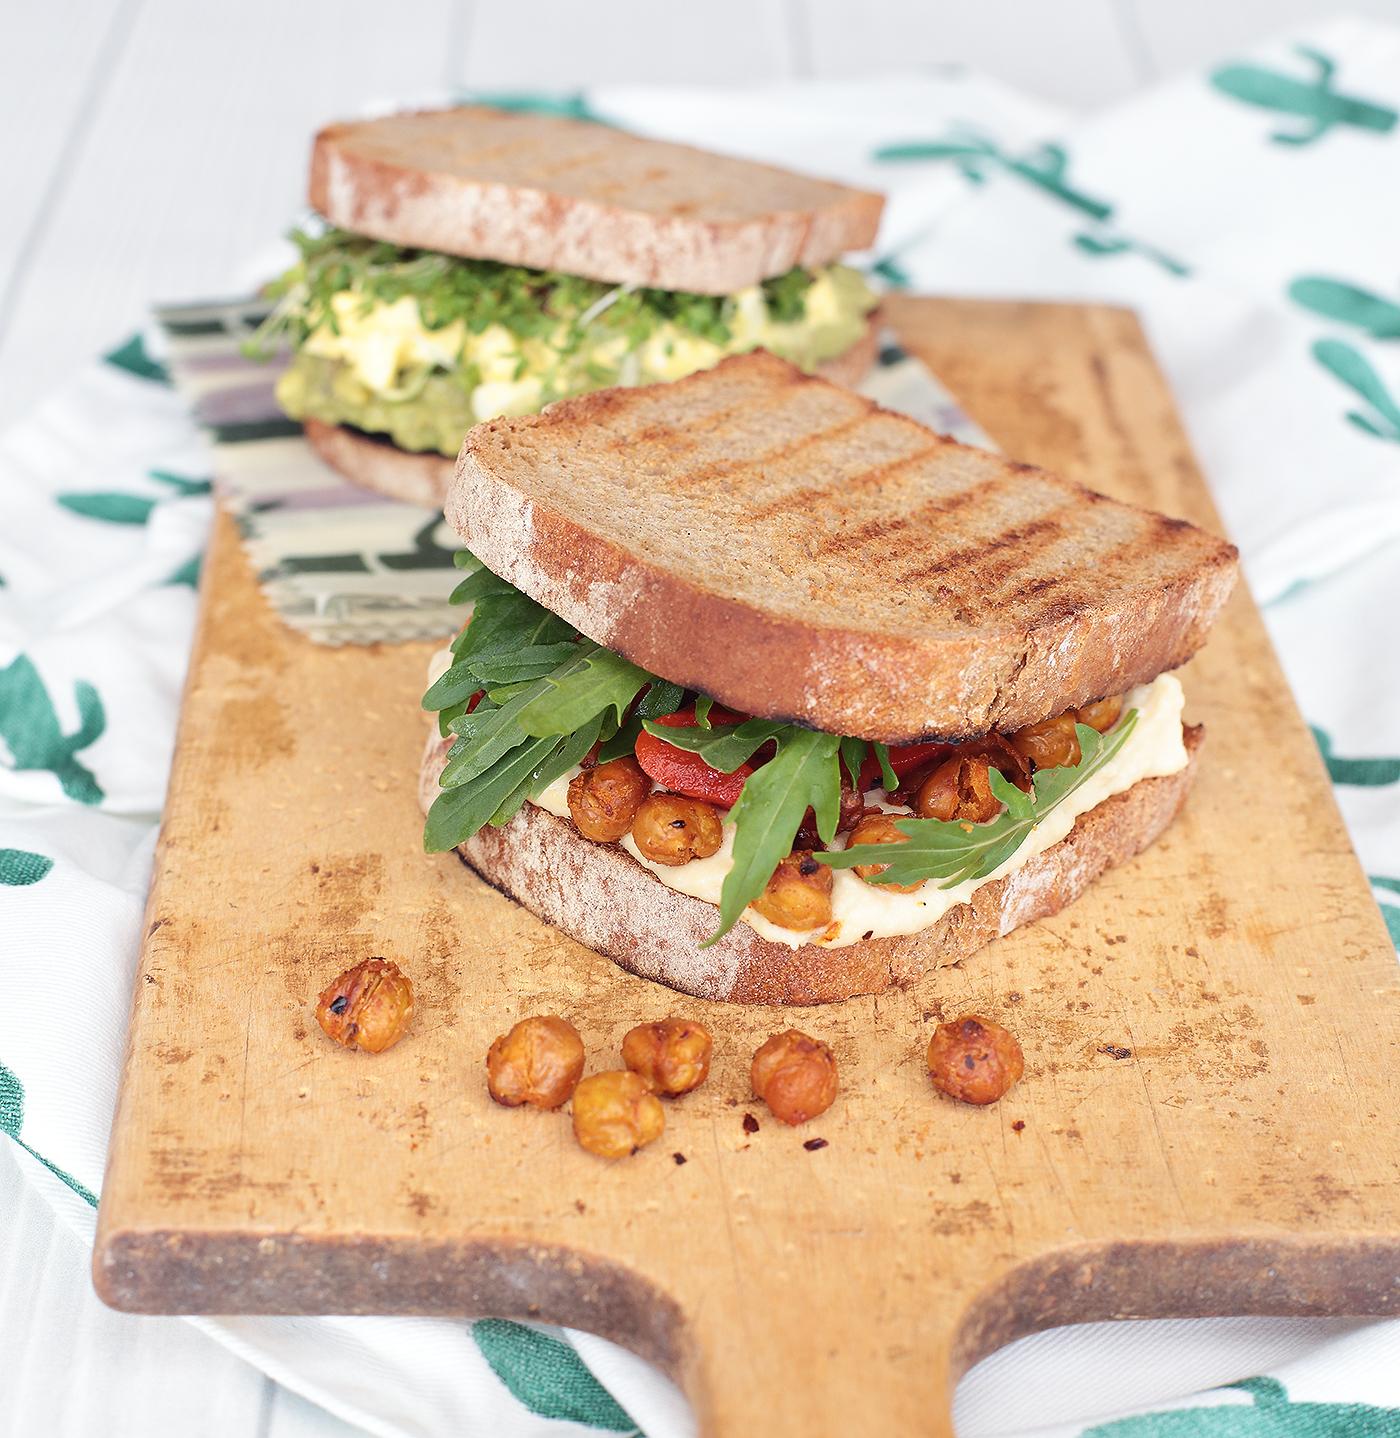 Stulle Brot Avocado Eiersalat Kichererbsen Hummus